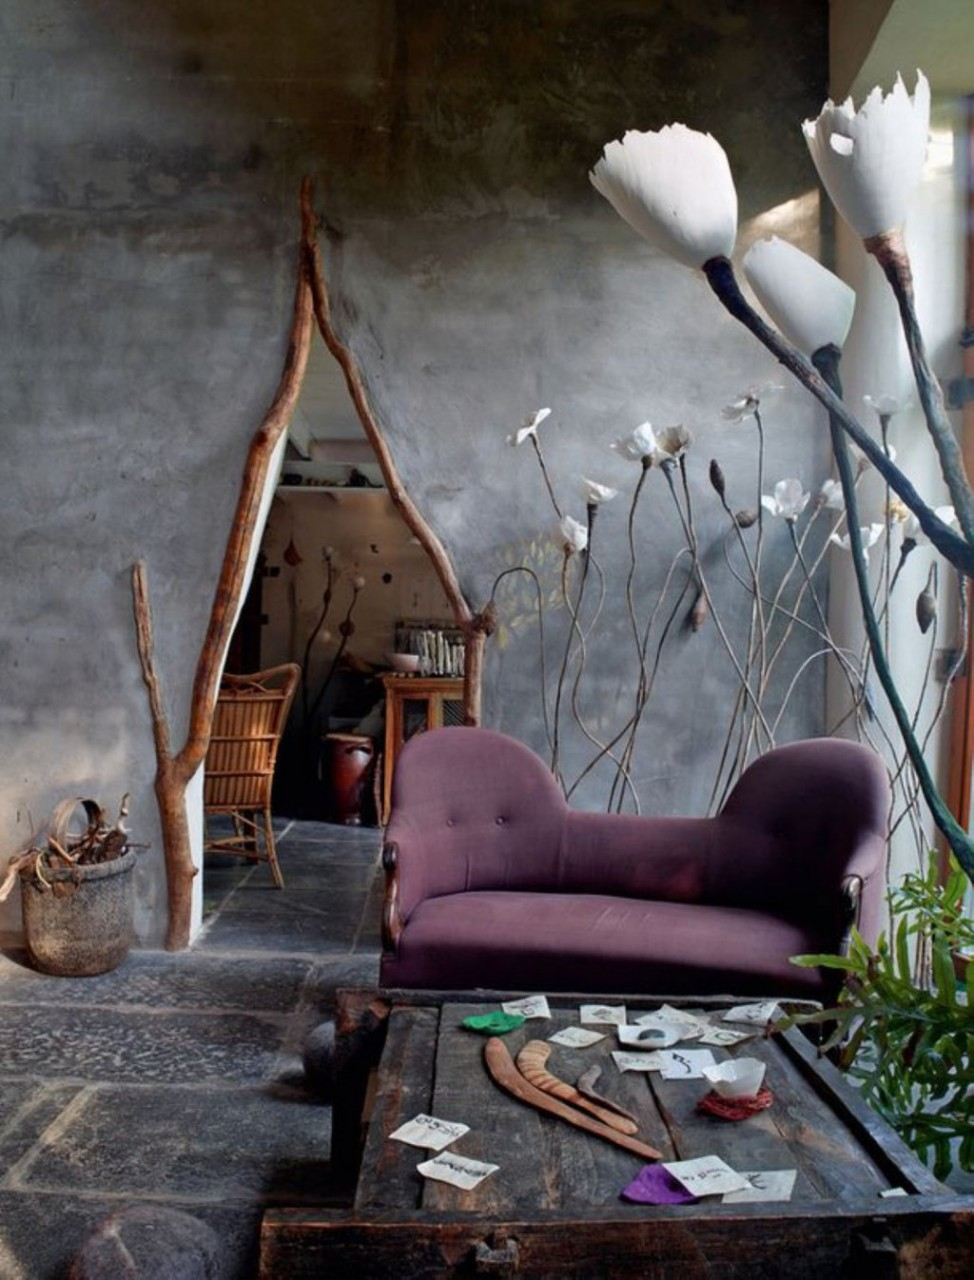 Сказочный дом художницы в провинции Фландрия, Бельгия